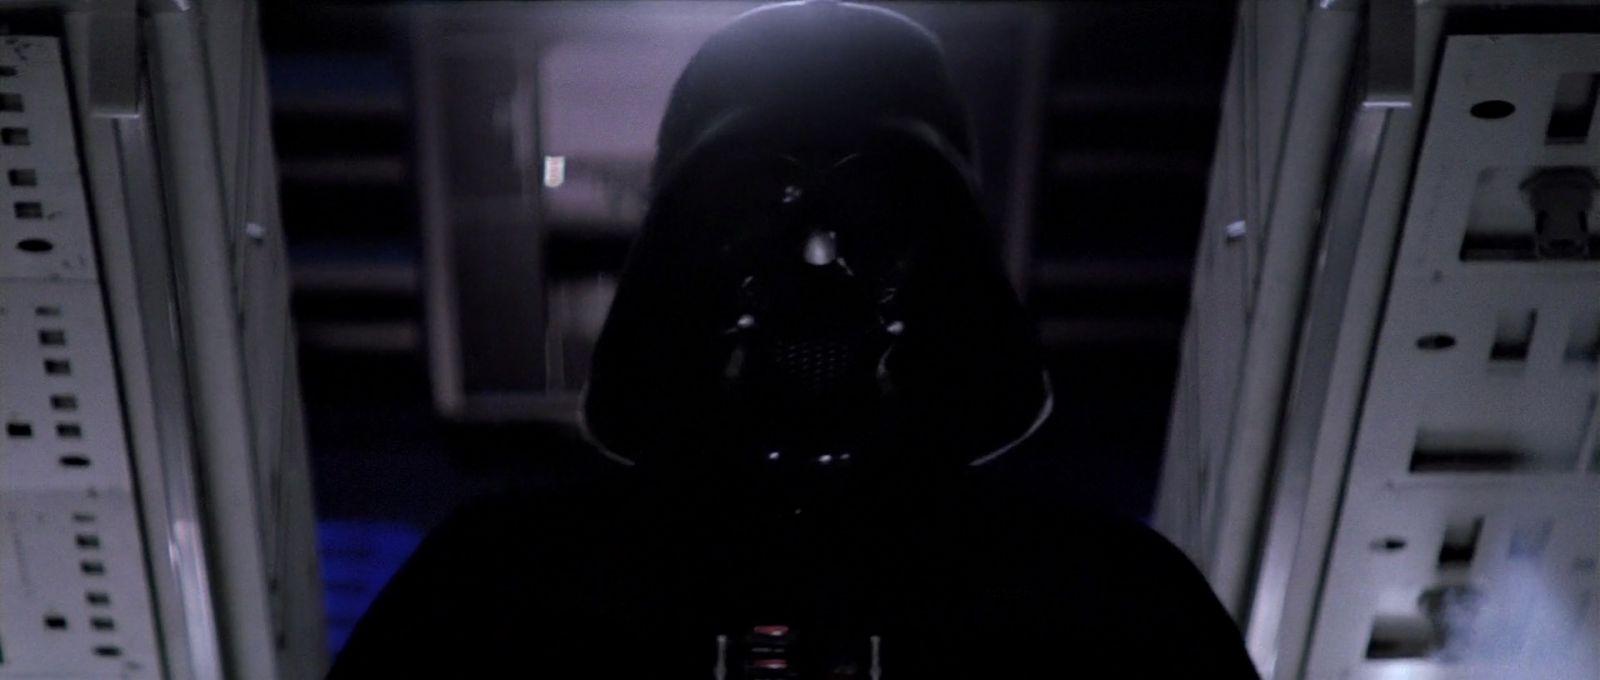 ROTJ Vader 239